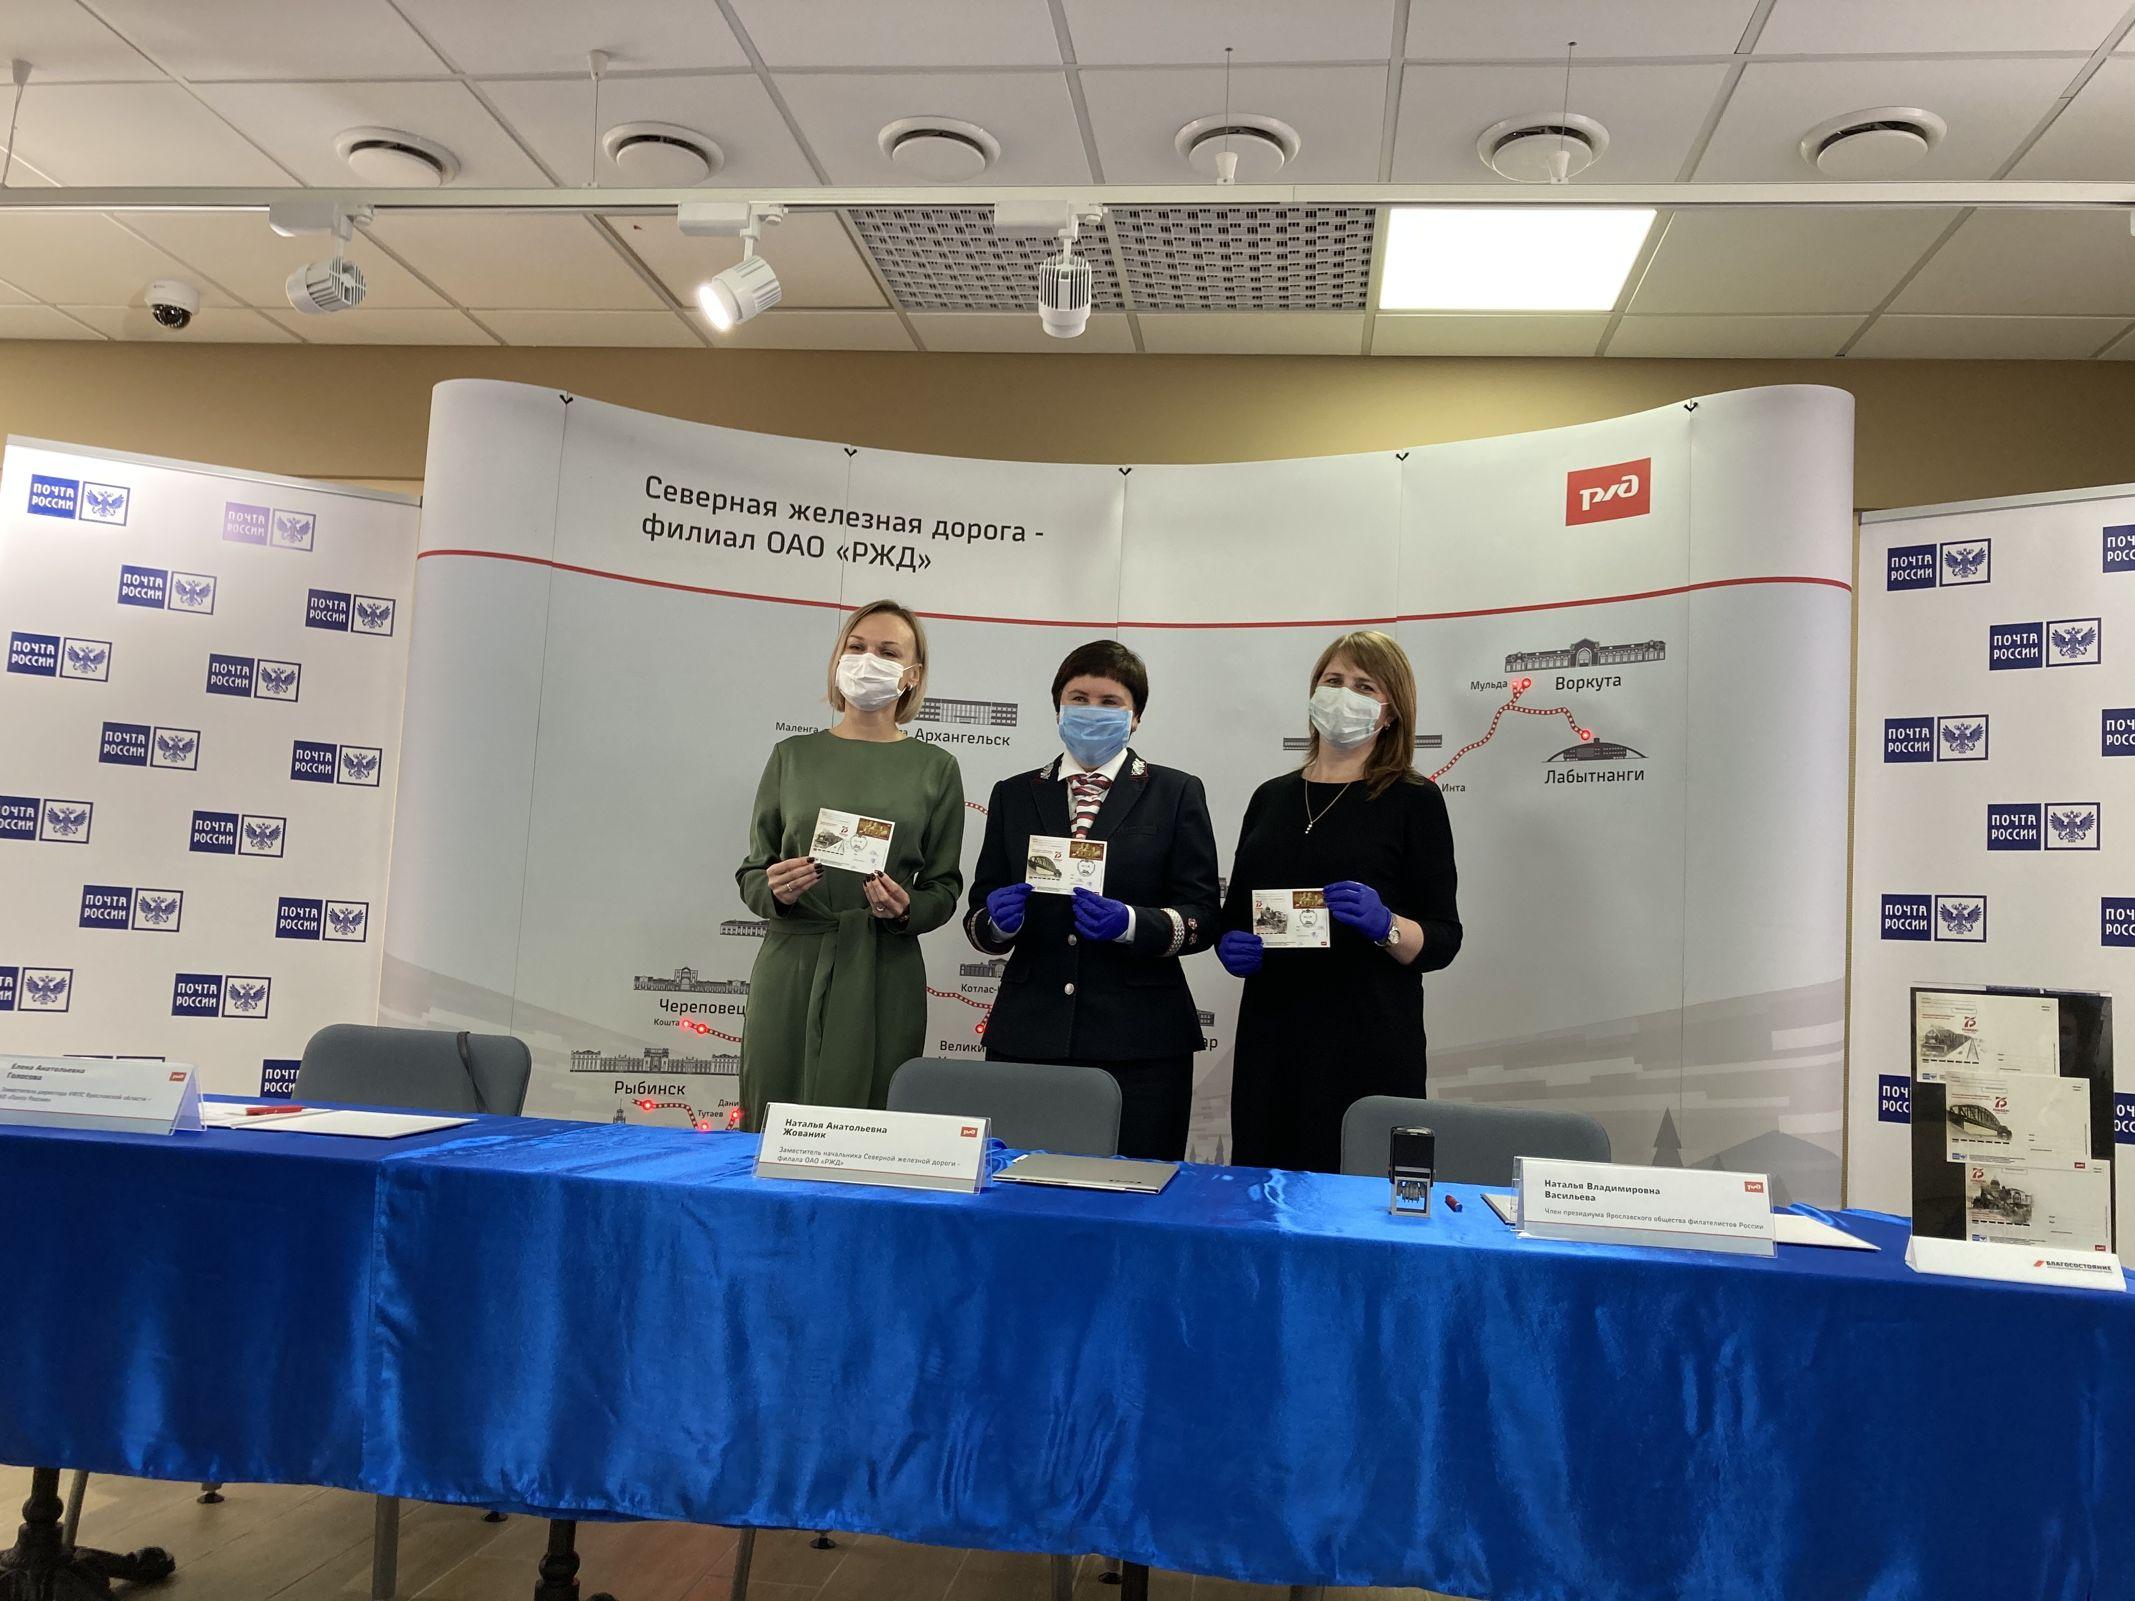 В честь 75-летия Победы состоялось спецгашение открыток, посвященных железнодорожникам